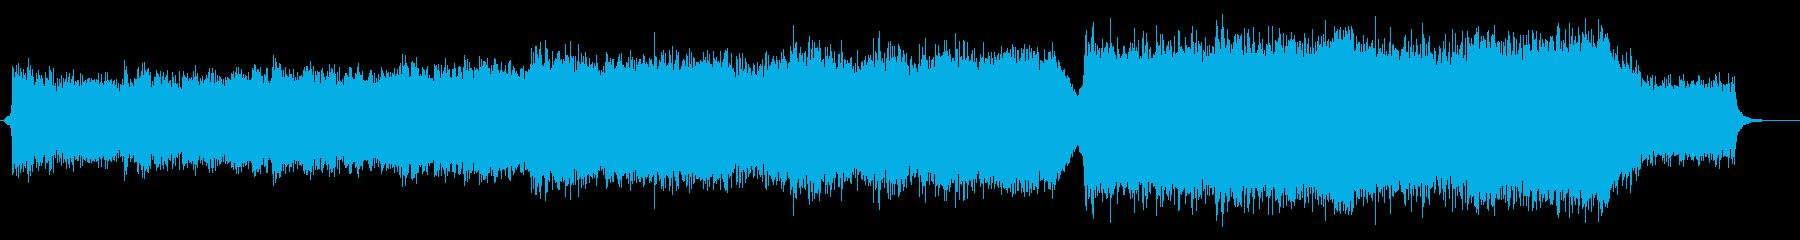 eスポーツトレイラー風オーケストラの再生済みの波形